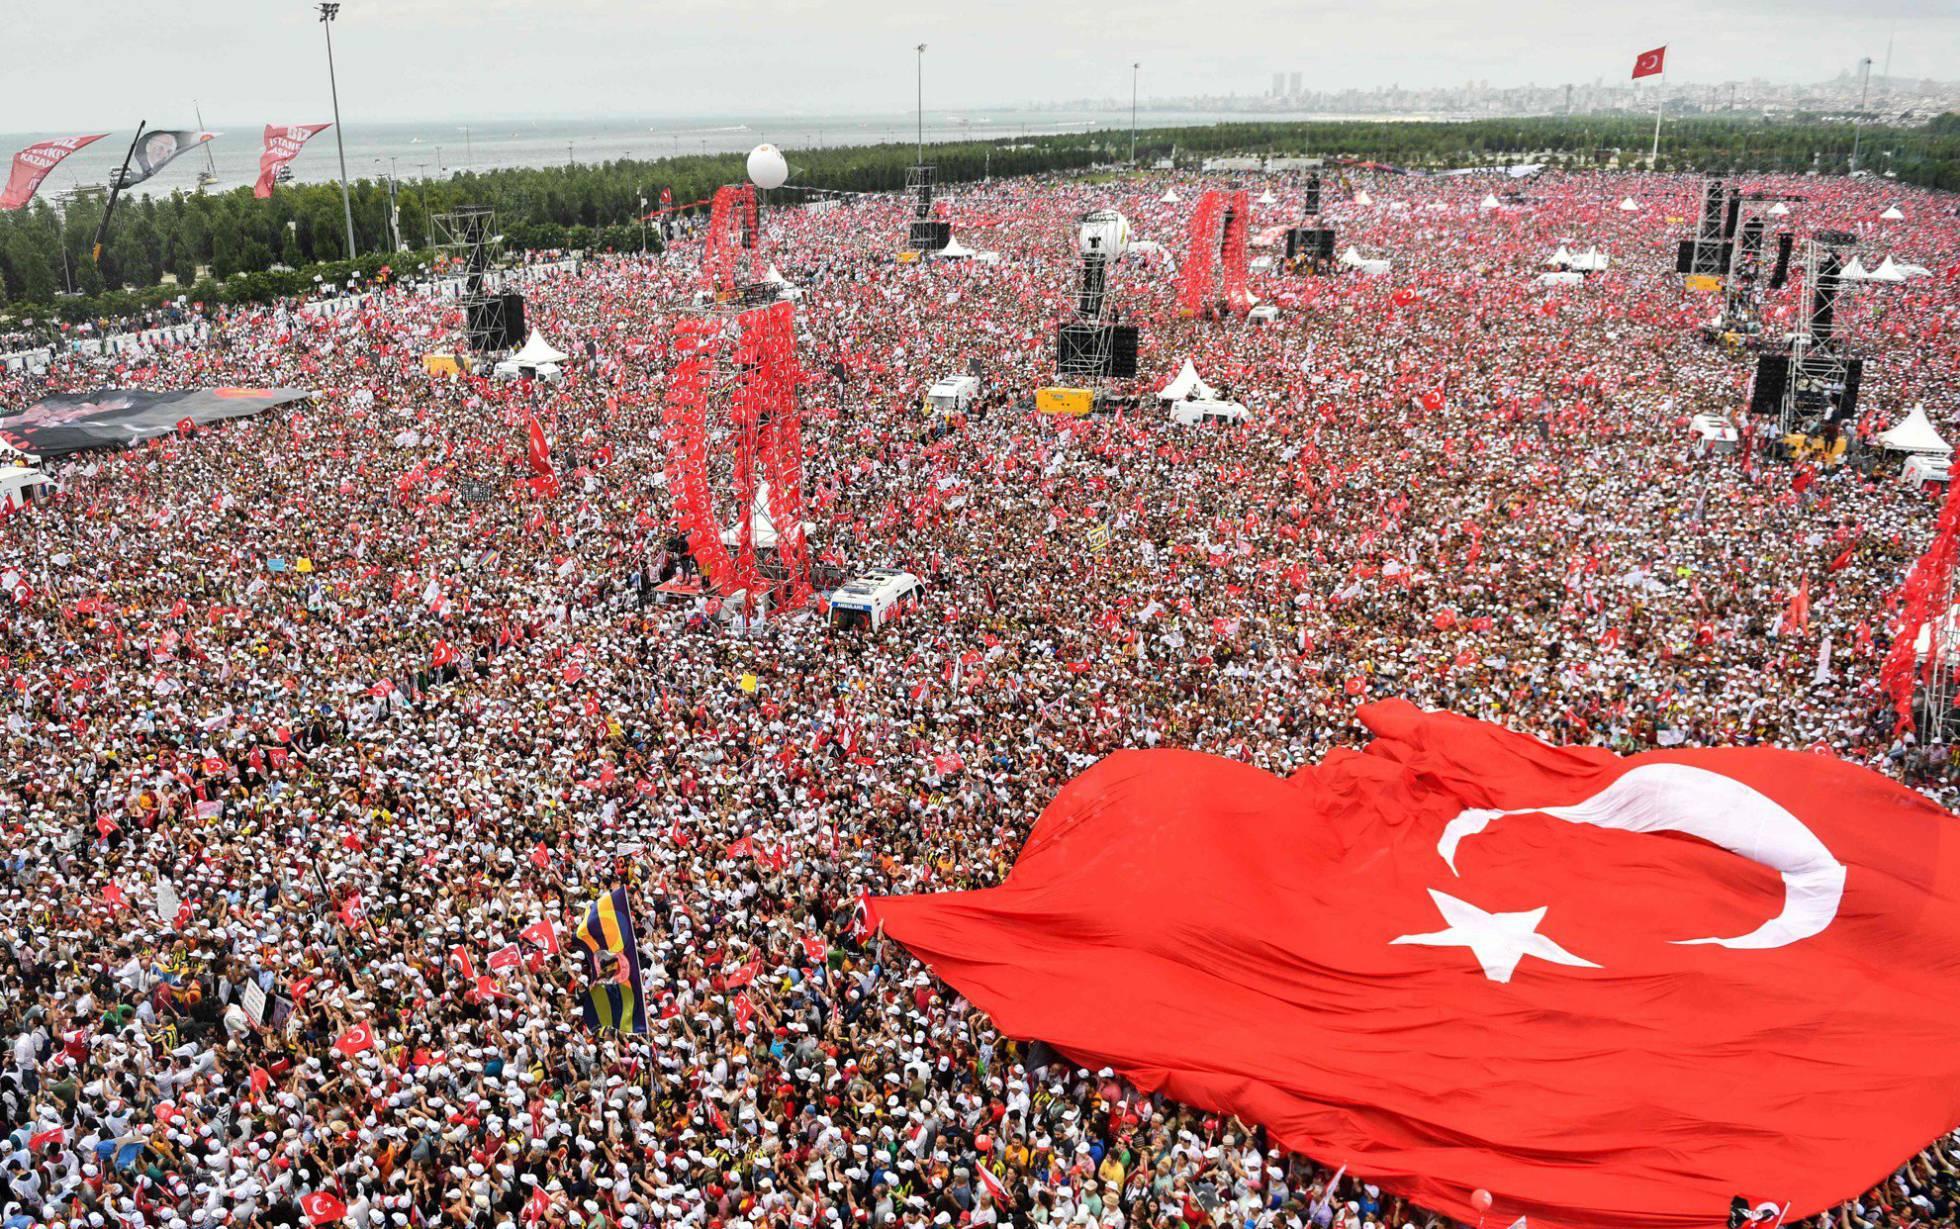 Turquía. Protestas, malestar  social, democracia, represión del gobierno. - Página 10 1529760369_269333_1529760493_noticia_normal_recorte1